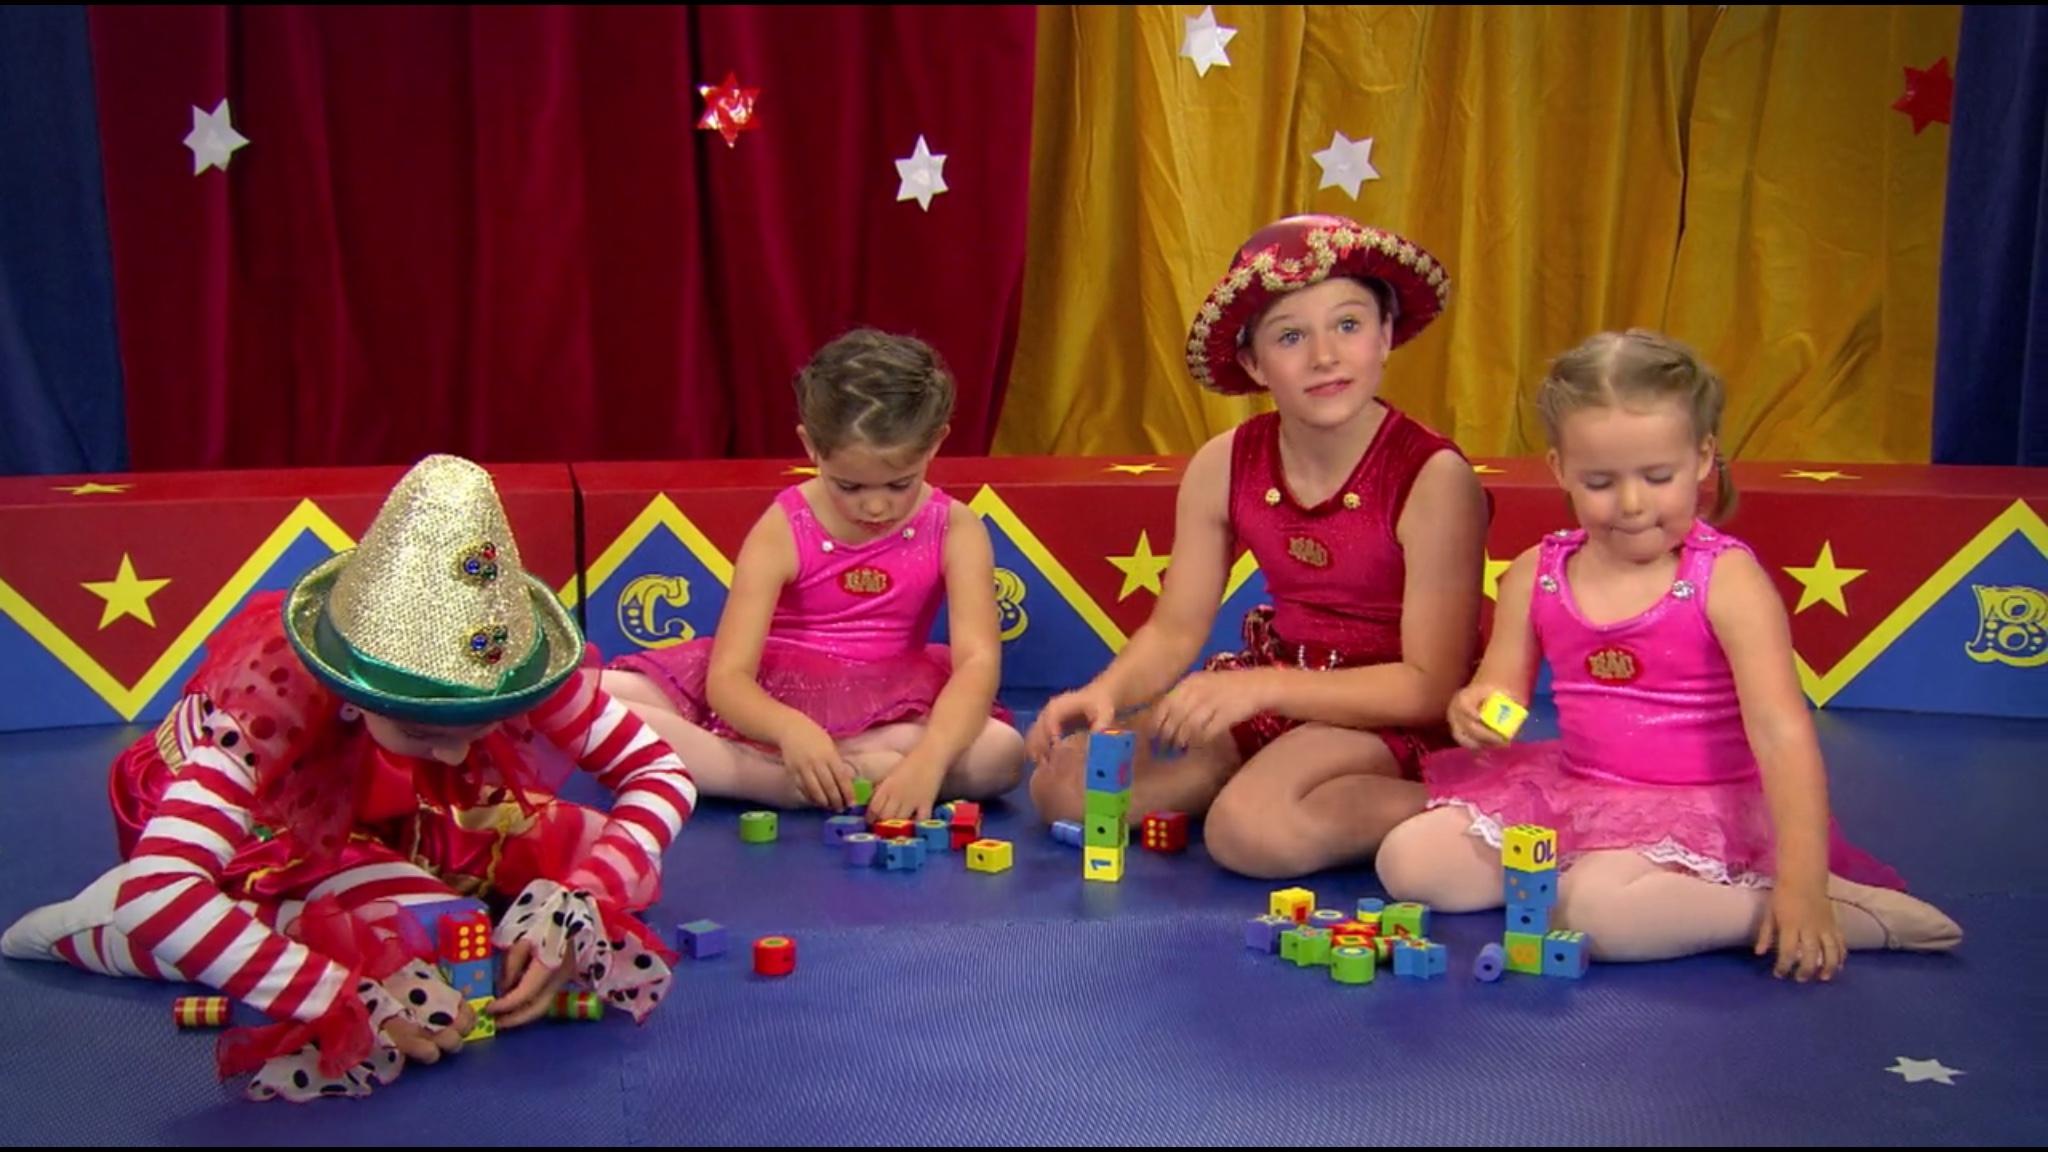 Circus Stacking